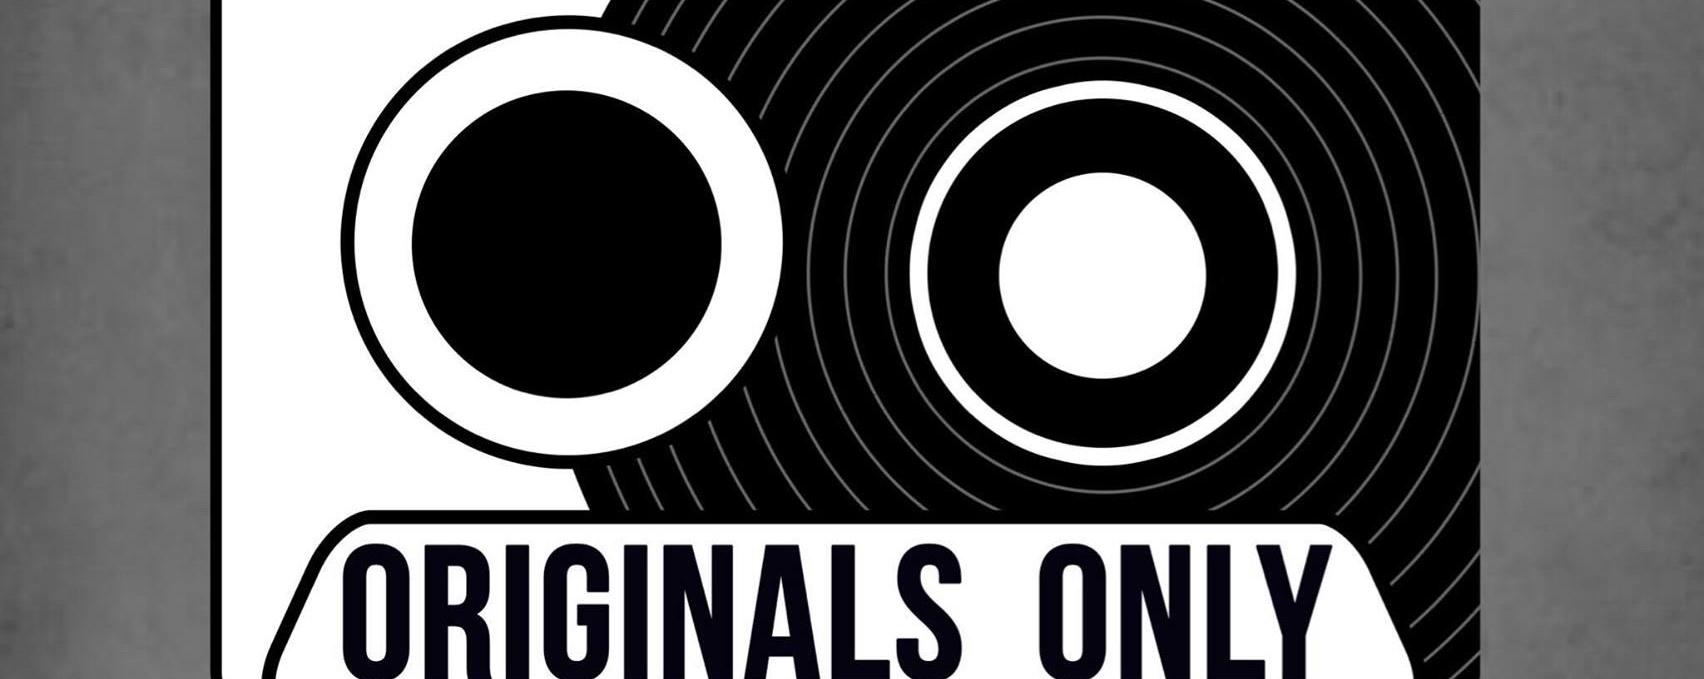 Oo: Originals Only